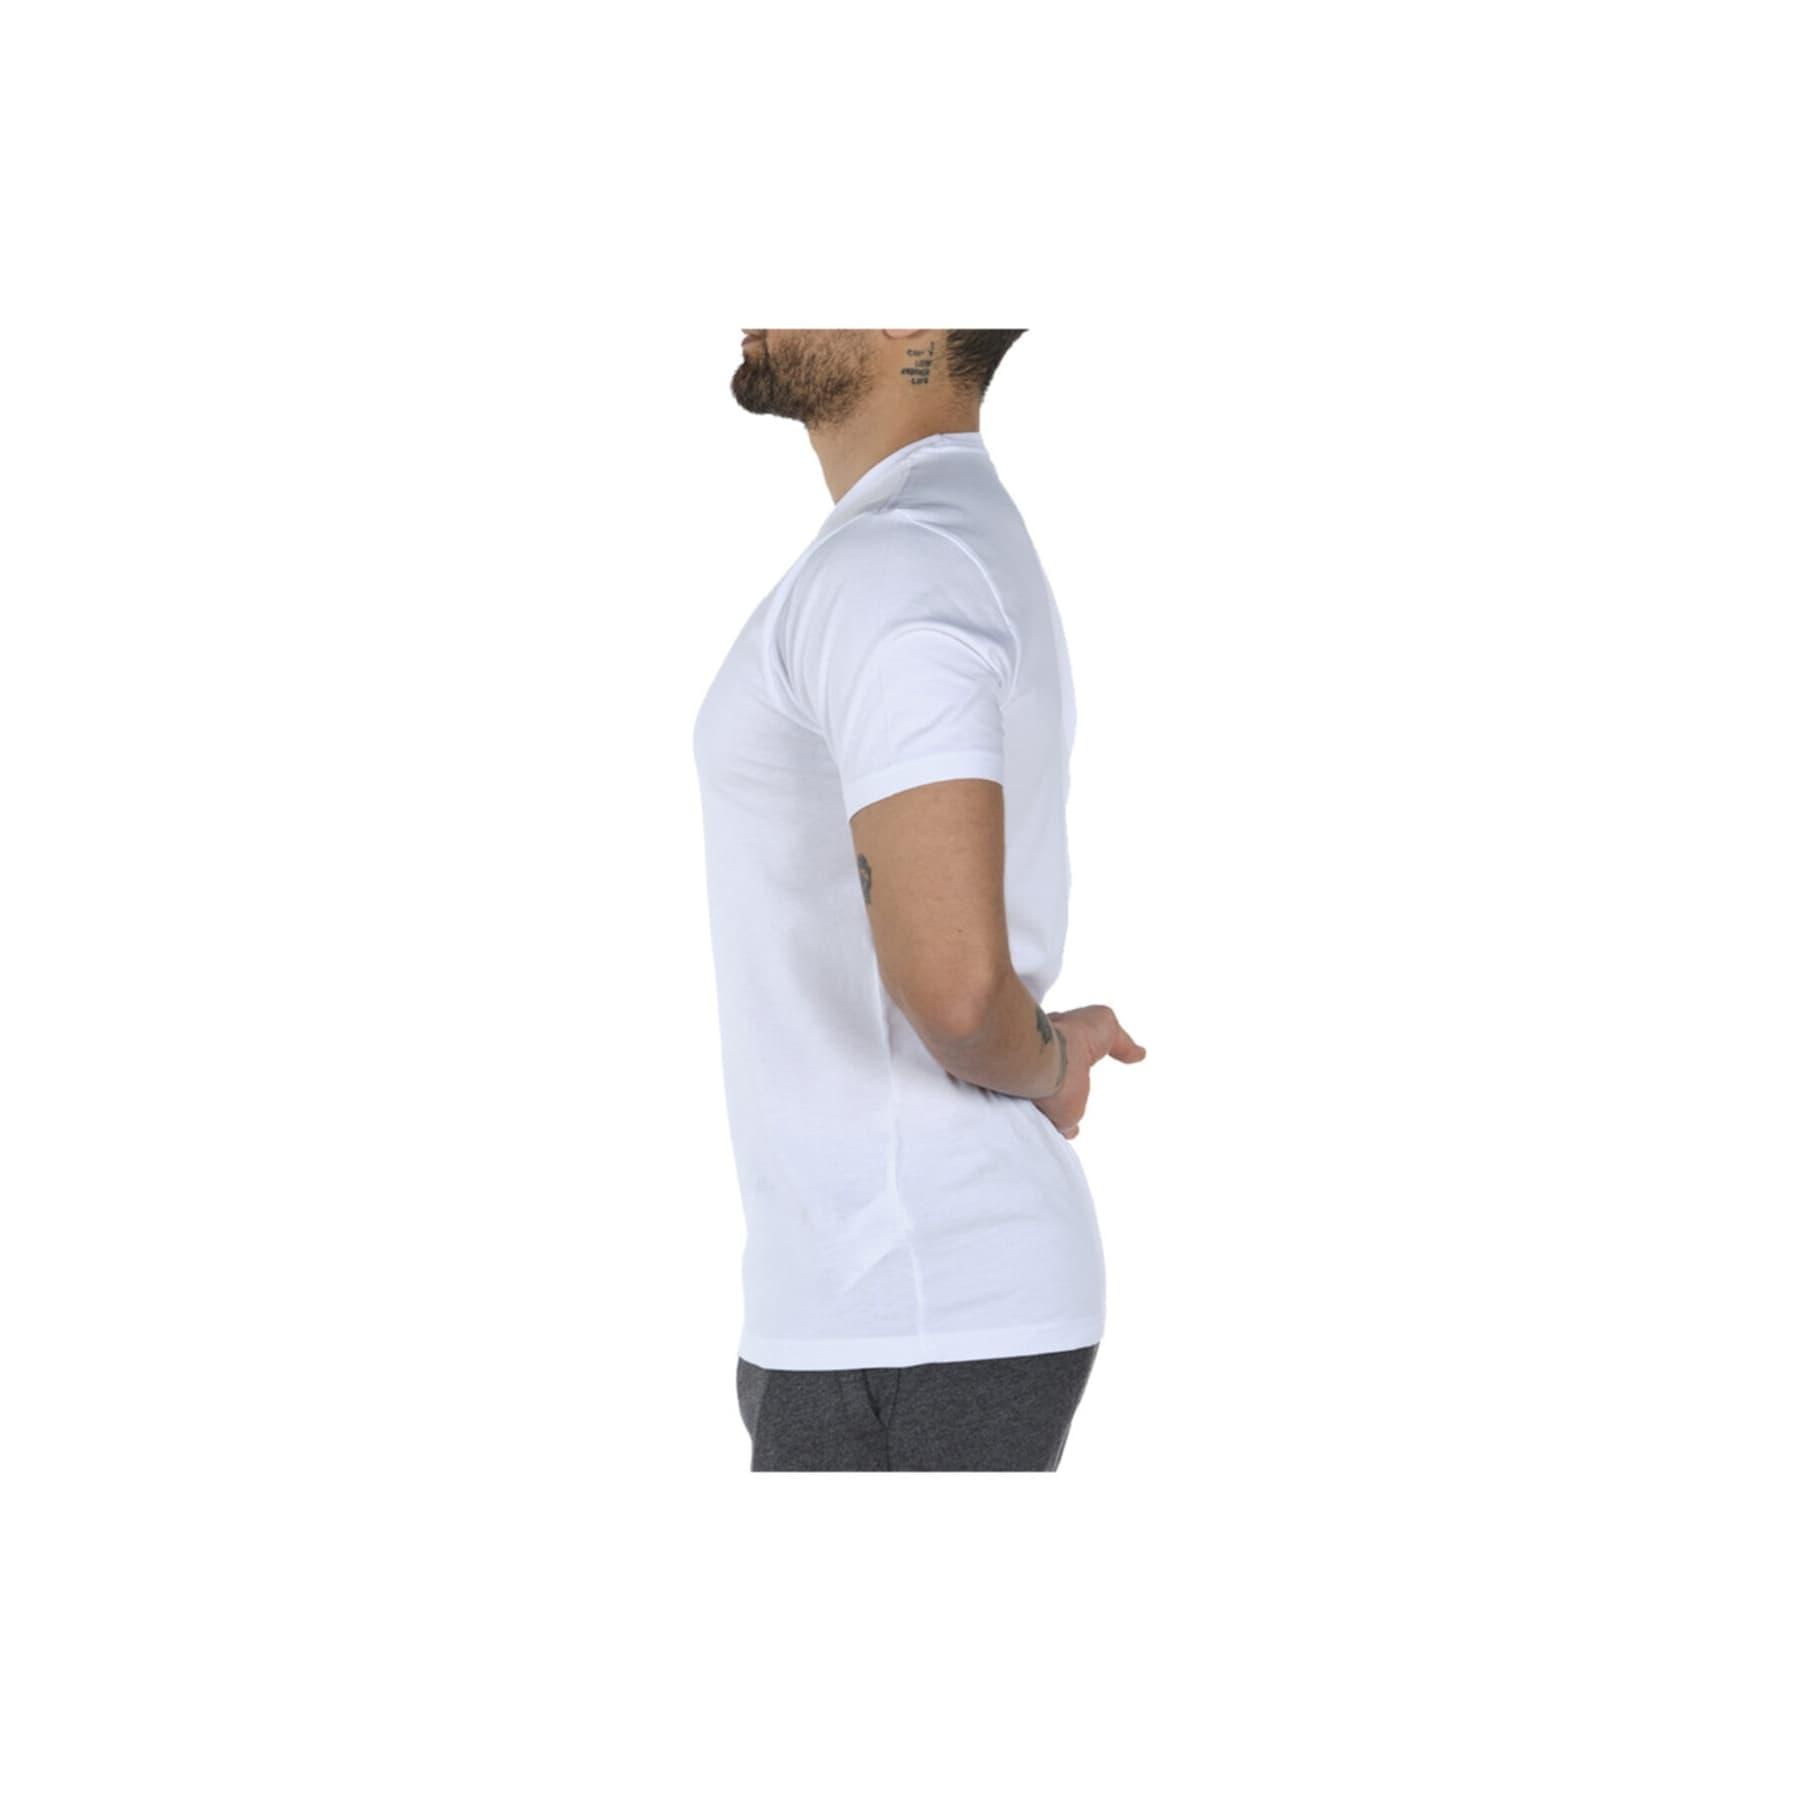 CSC M City Graphic Erkek Beyaz Tişört (CS0115_100)